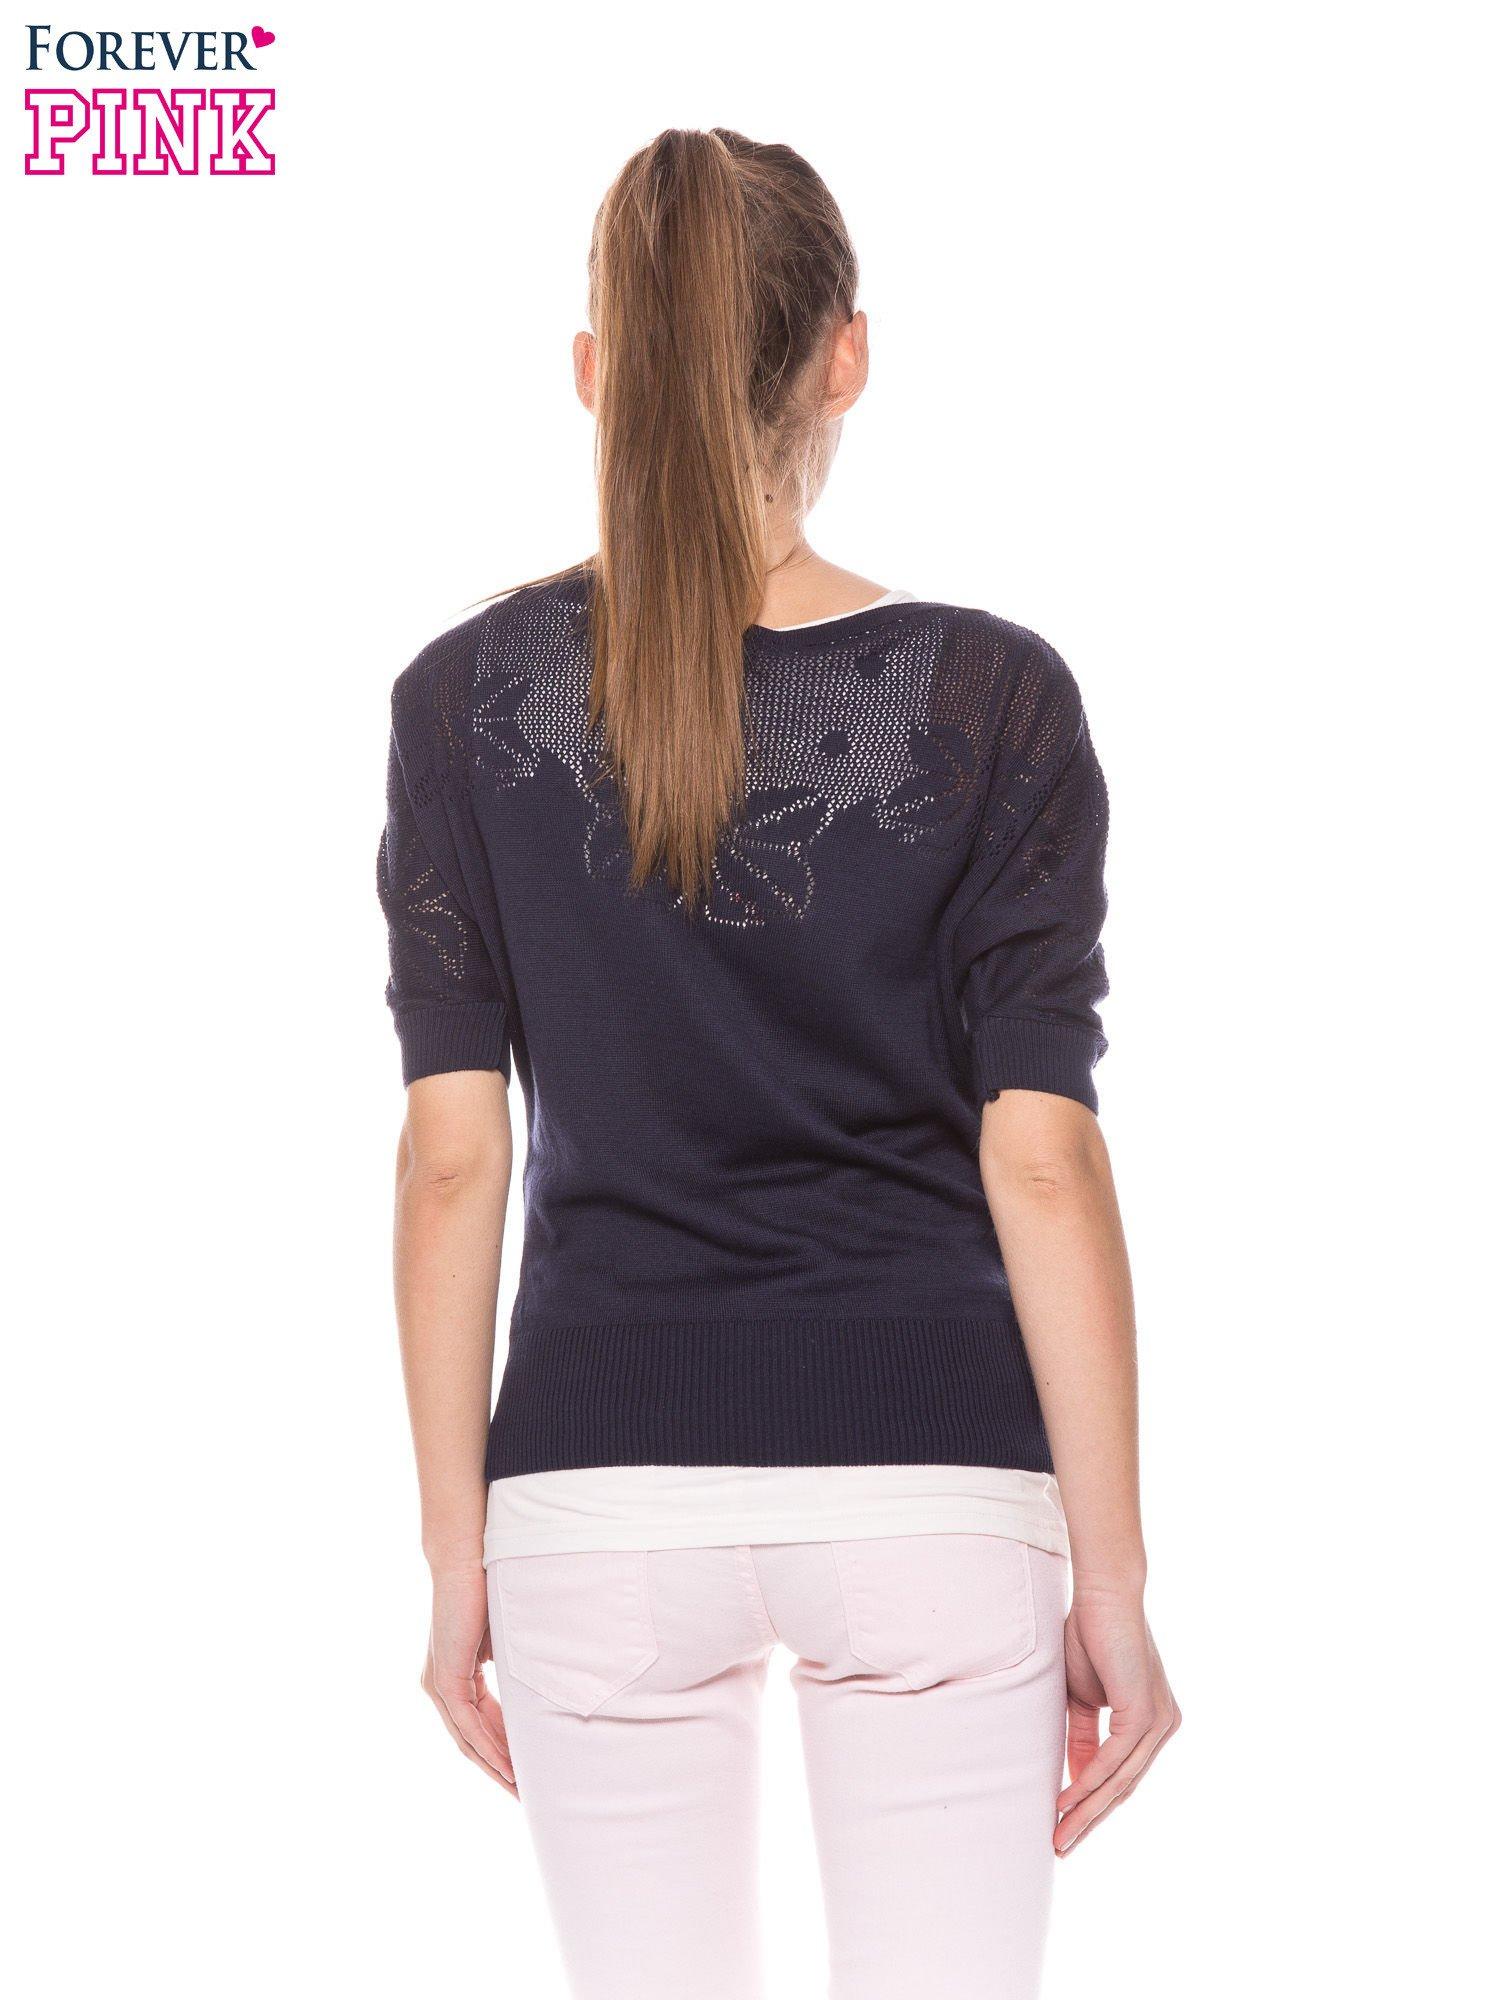 Granatowy sweter z ażurową górą i krótkim rękawkiem                                  zdj.                                  4